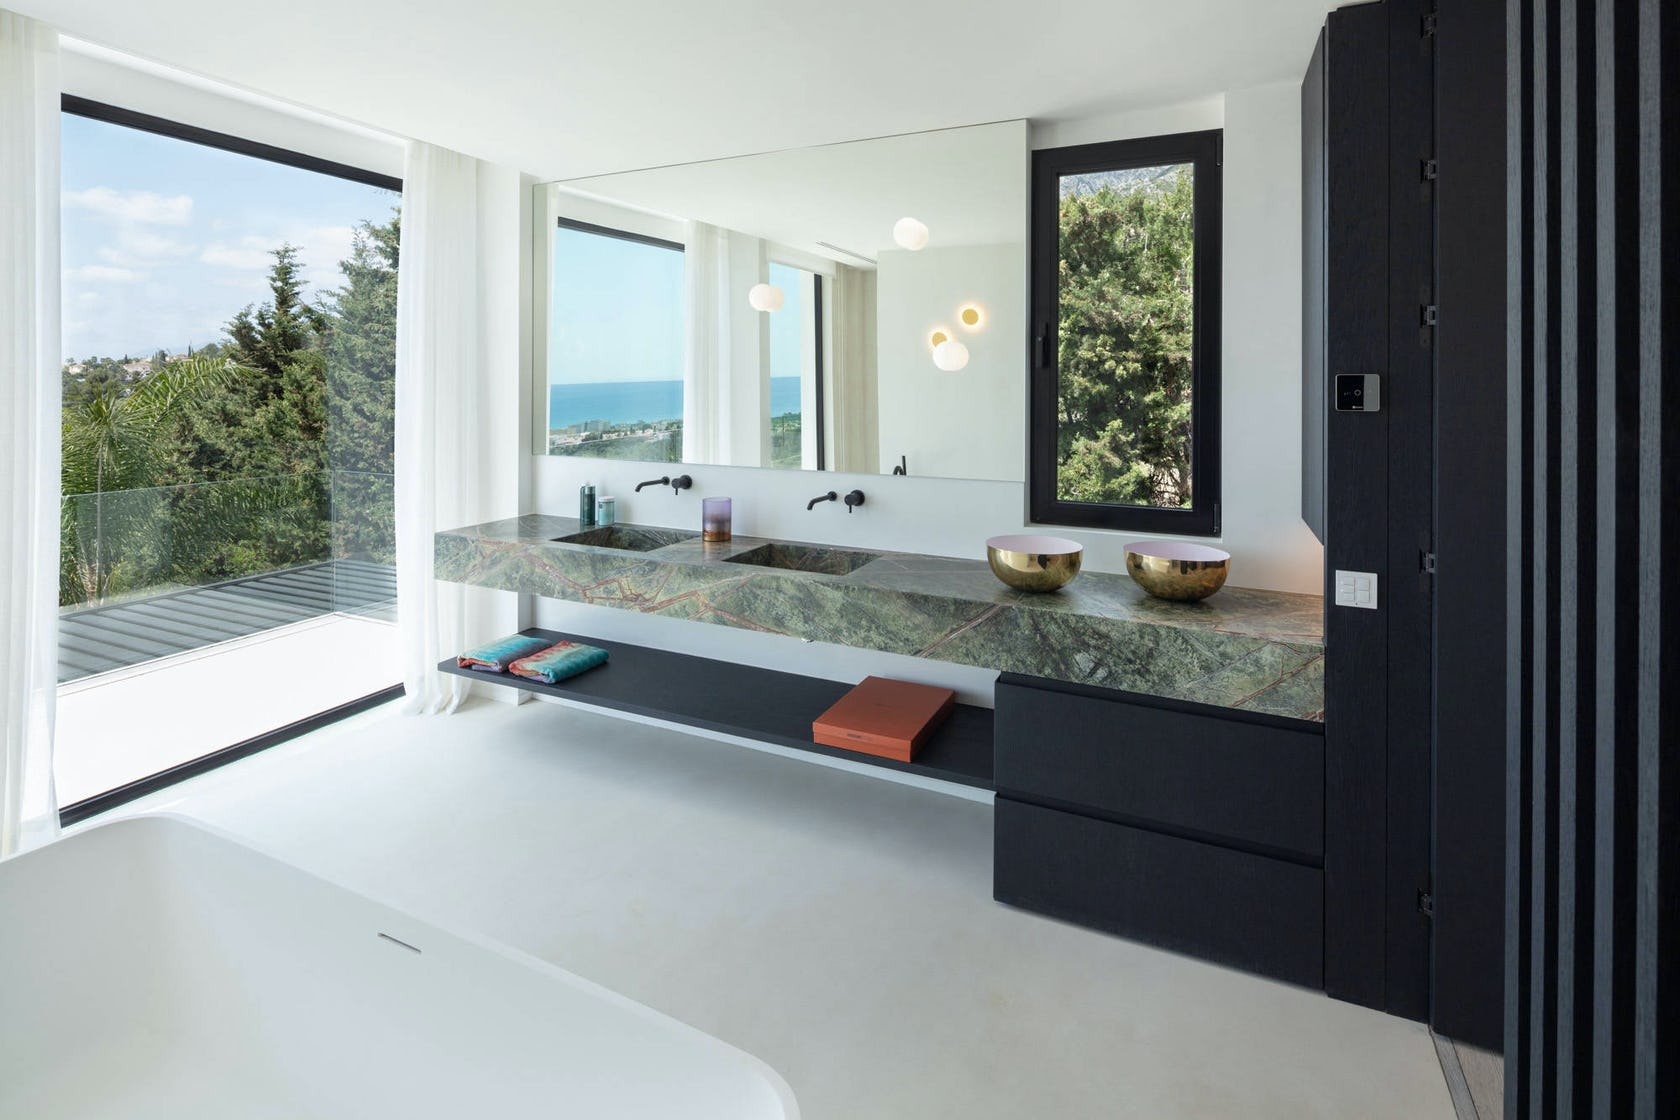 interior design indoors double sink